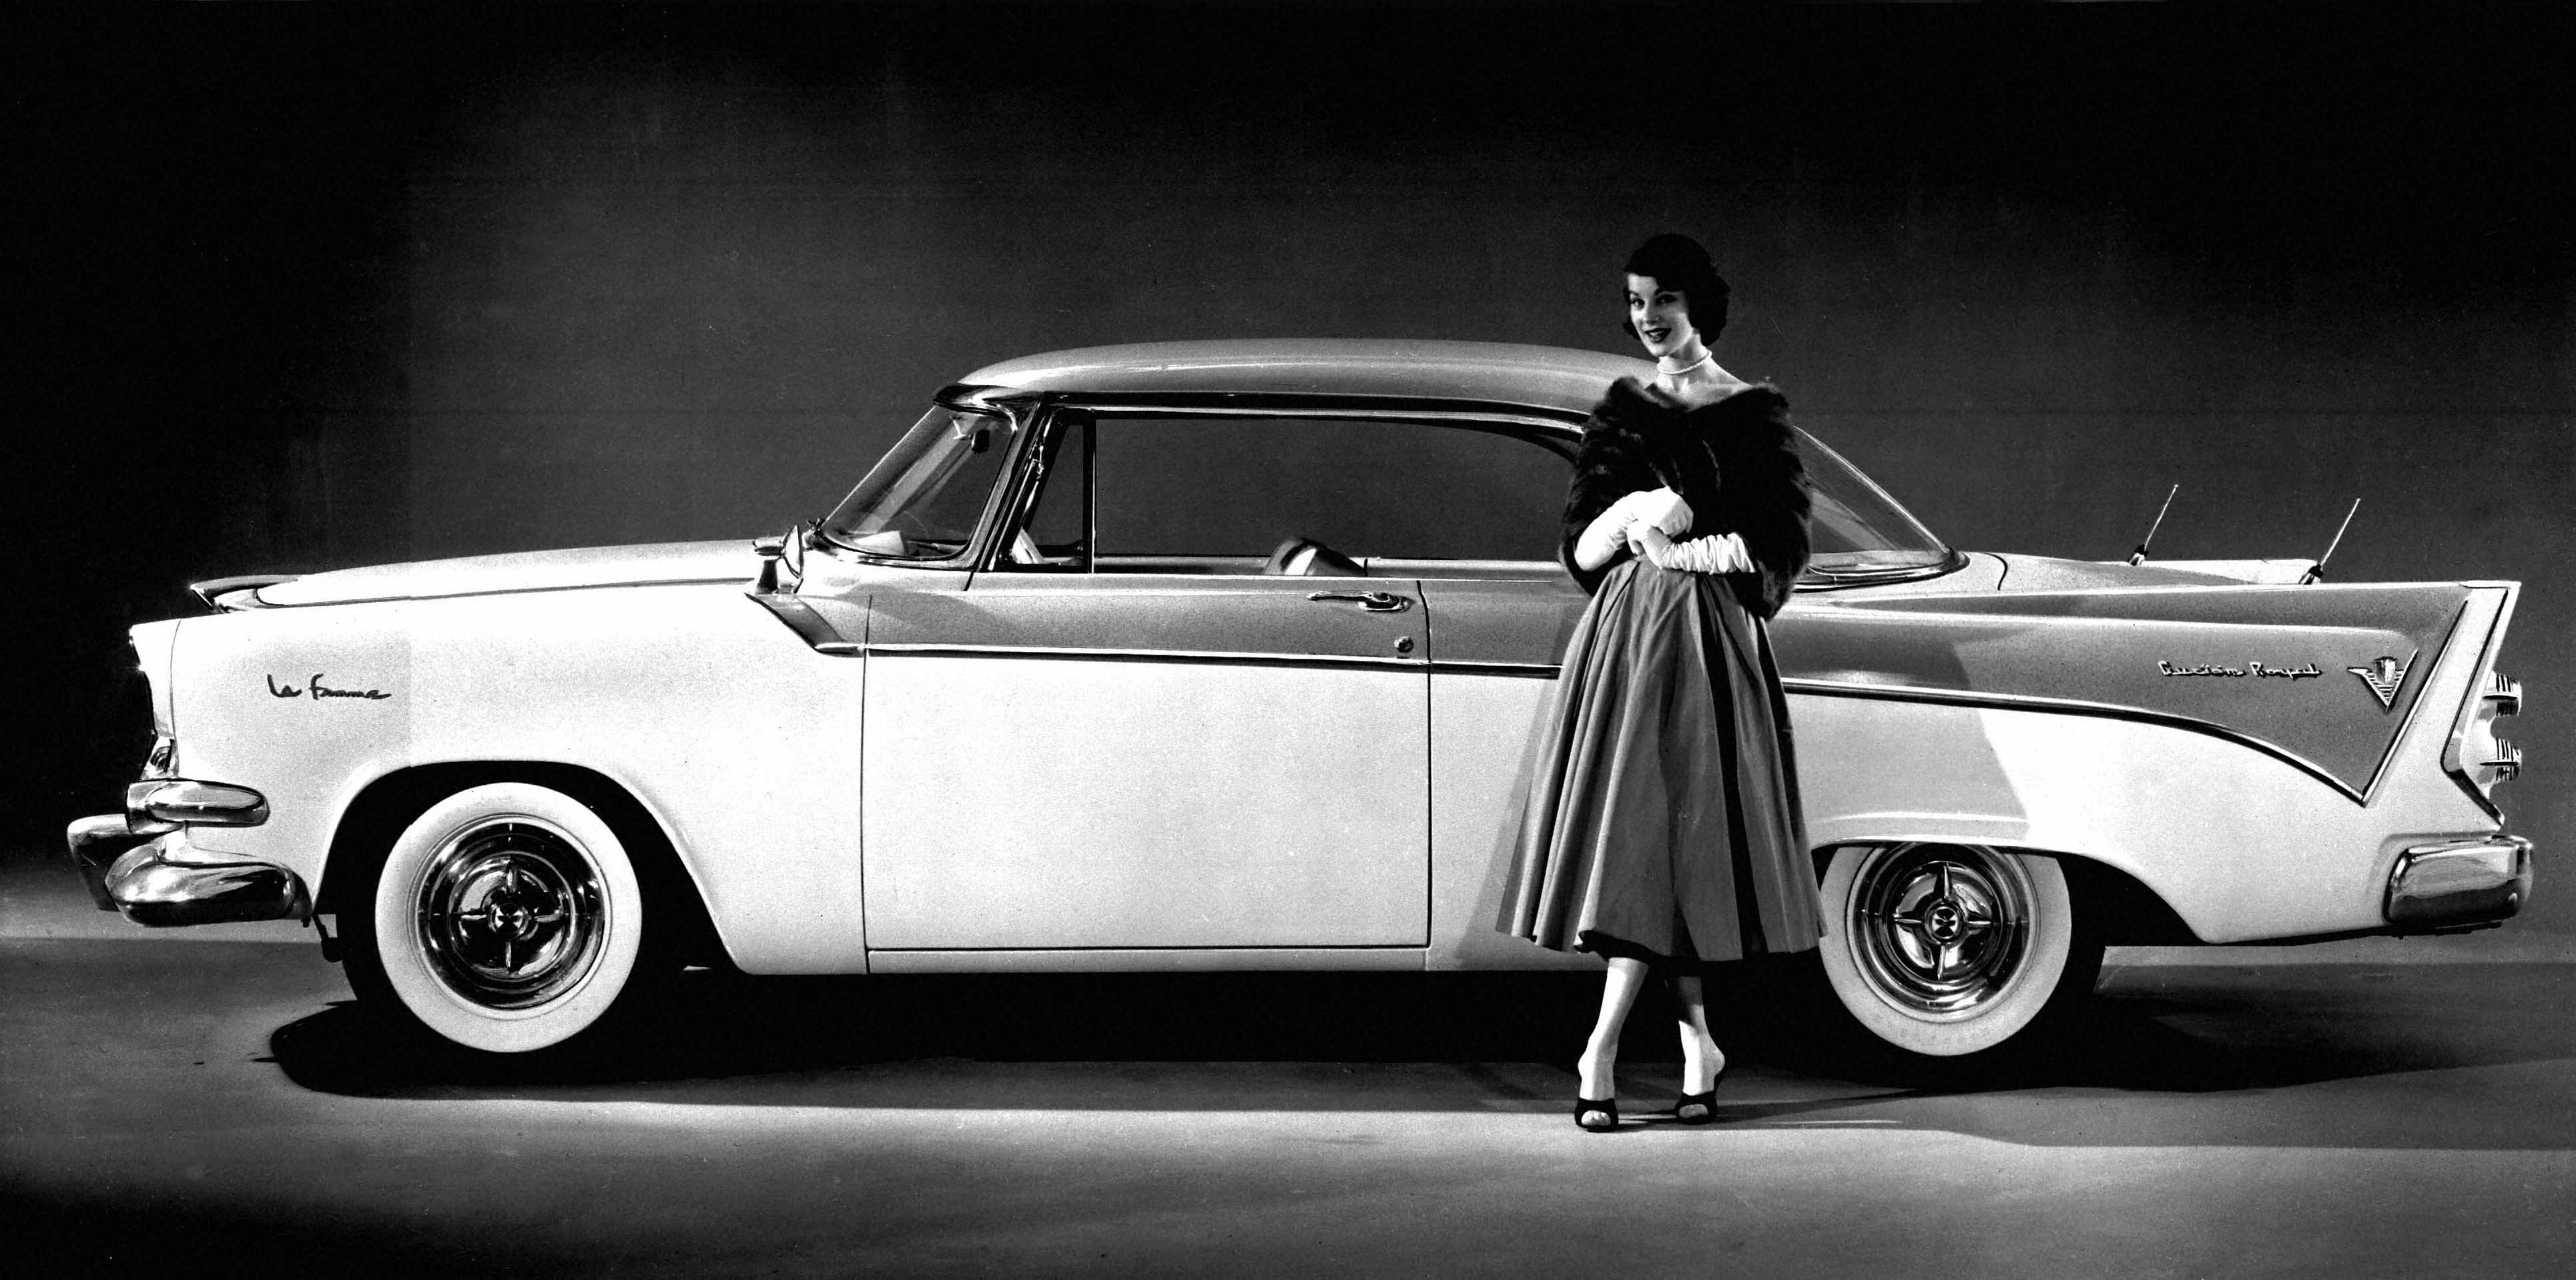 The 1955 Dodge La Femme. Photo: FCA